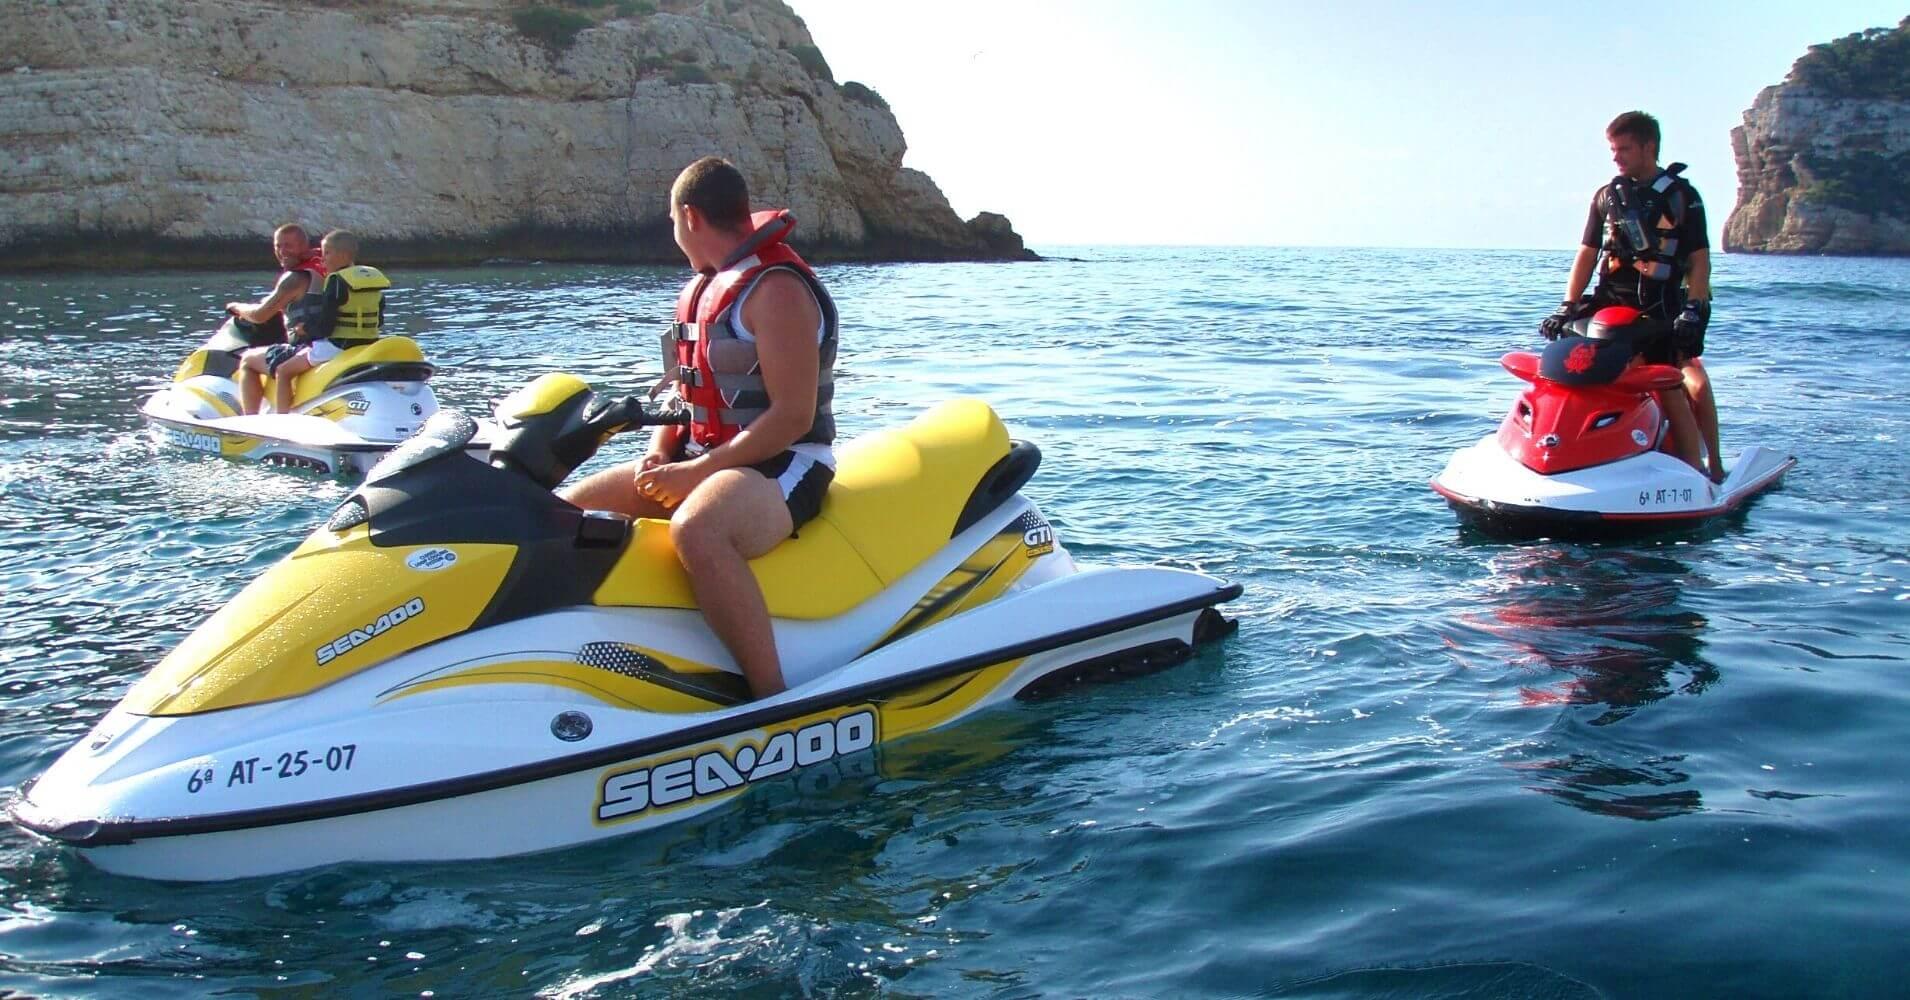 Ruta en Moto de Agua a las Cuevas del Cabo de la Nao. Jávea. Alicante, Comunidad Valenciana.